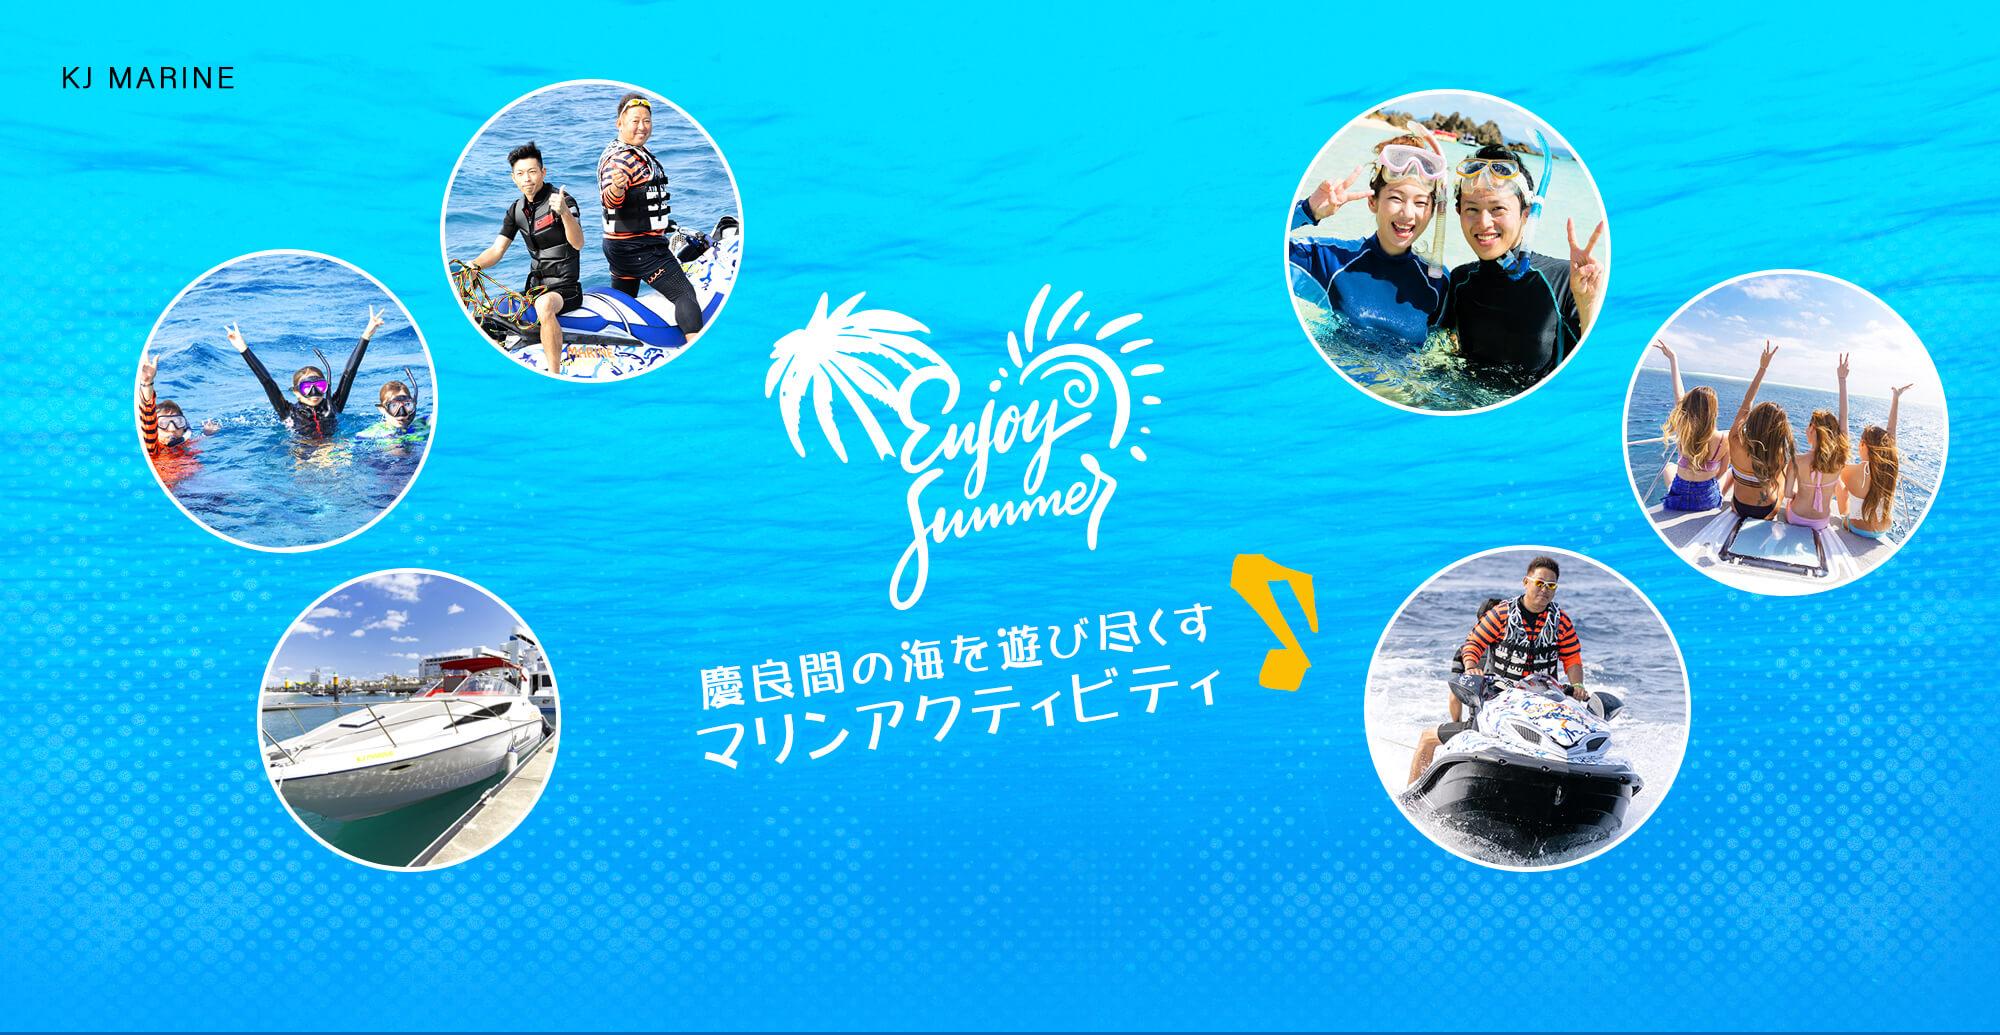 慶良間の海を遊び尽くす!マリンアクティビティ